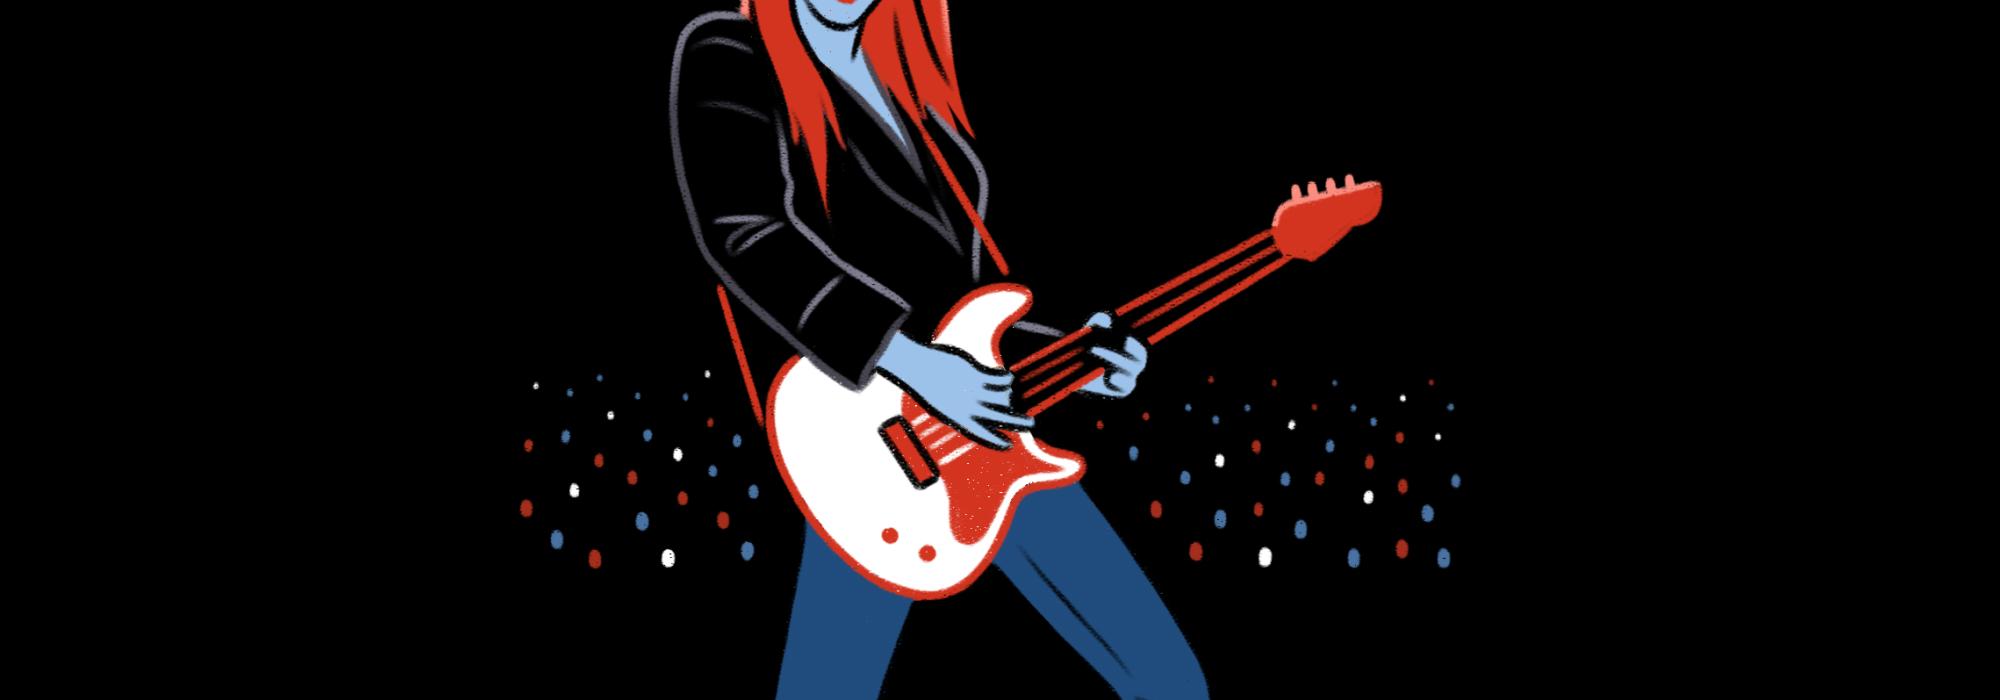 A The Zolas live event